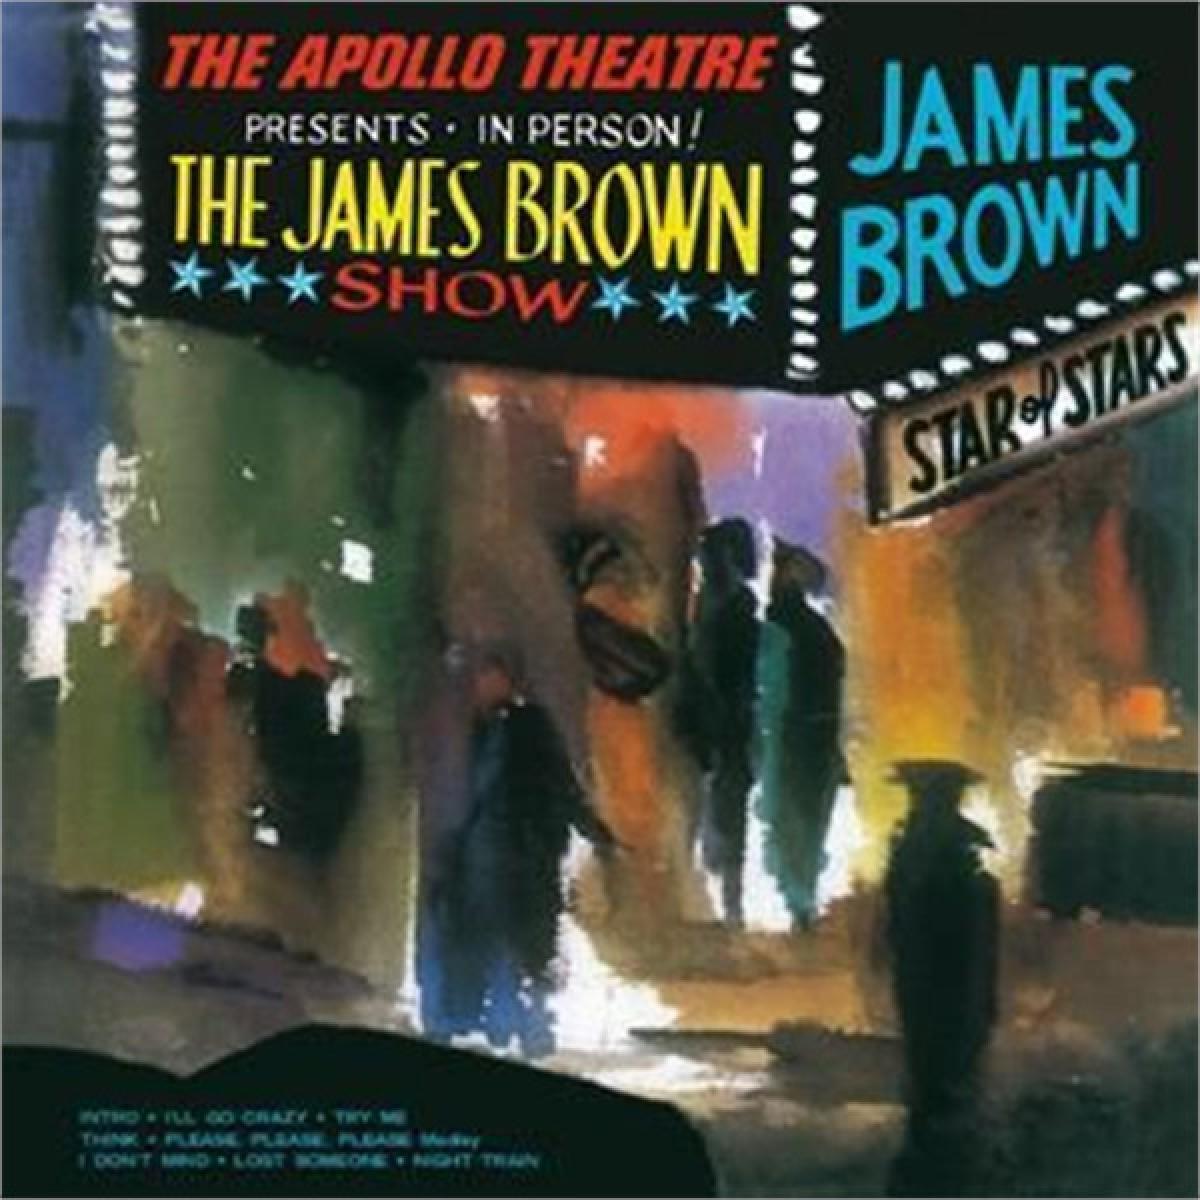 James brown LIVE LP-1200x1200